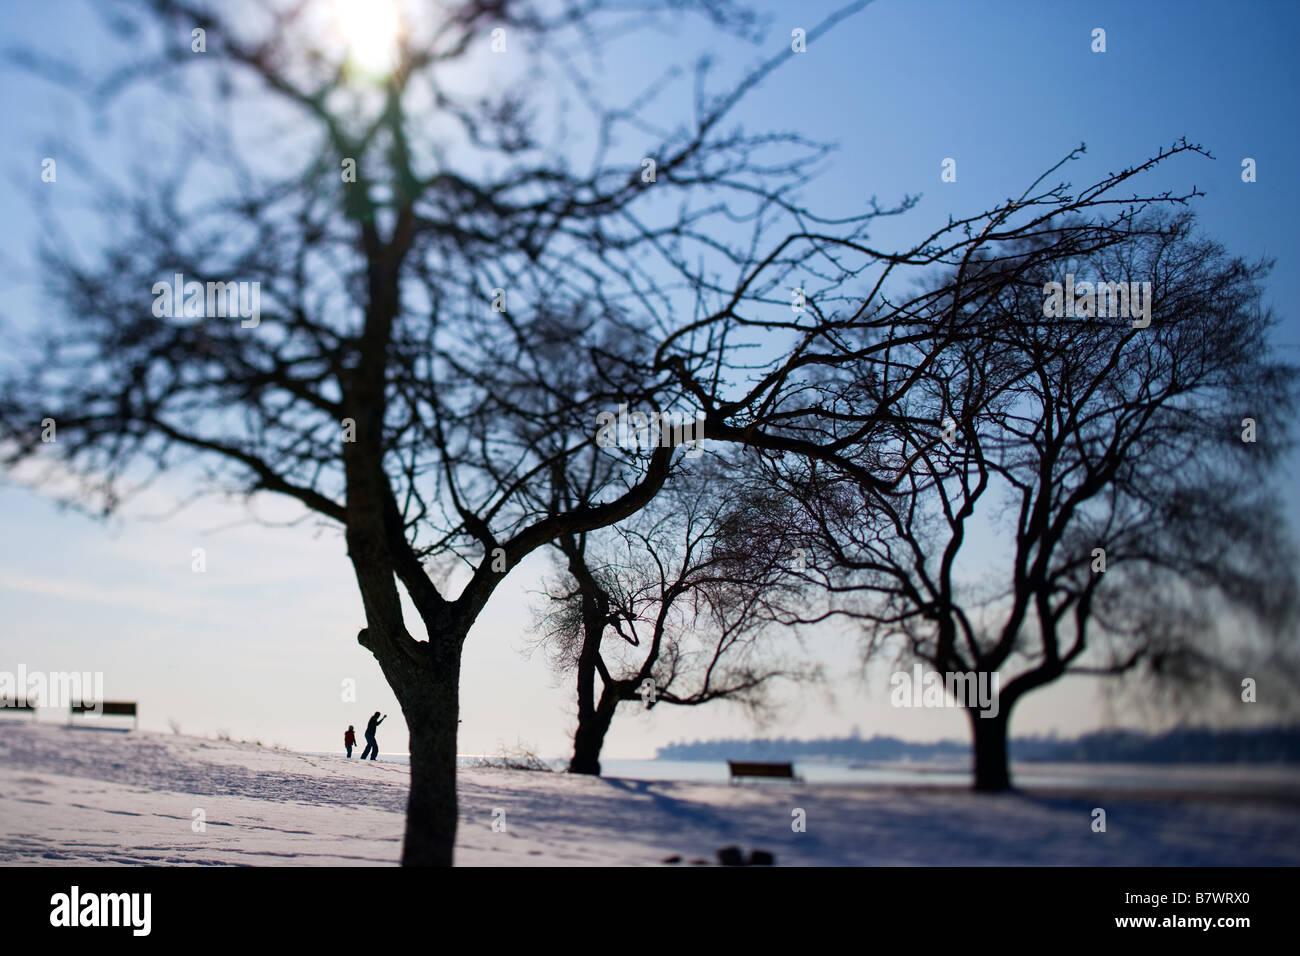 Los árboles de un parque con un padre y un hijo saltando rocas en West Haven CT USA durante el invierno con Imagen De Stock